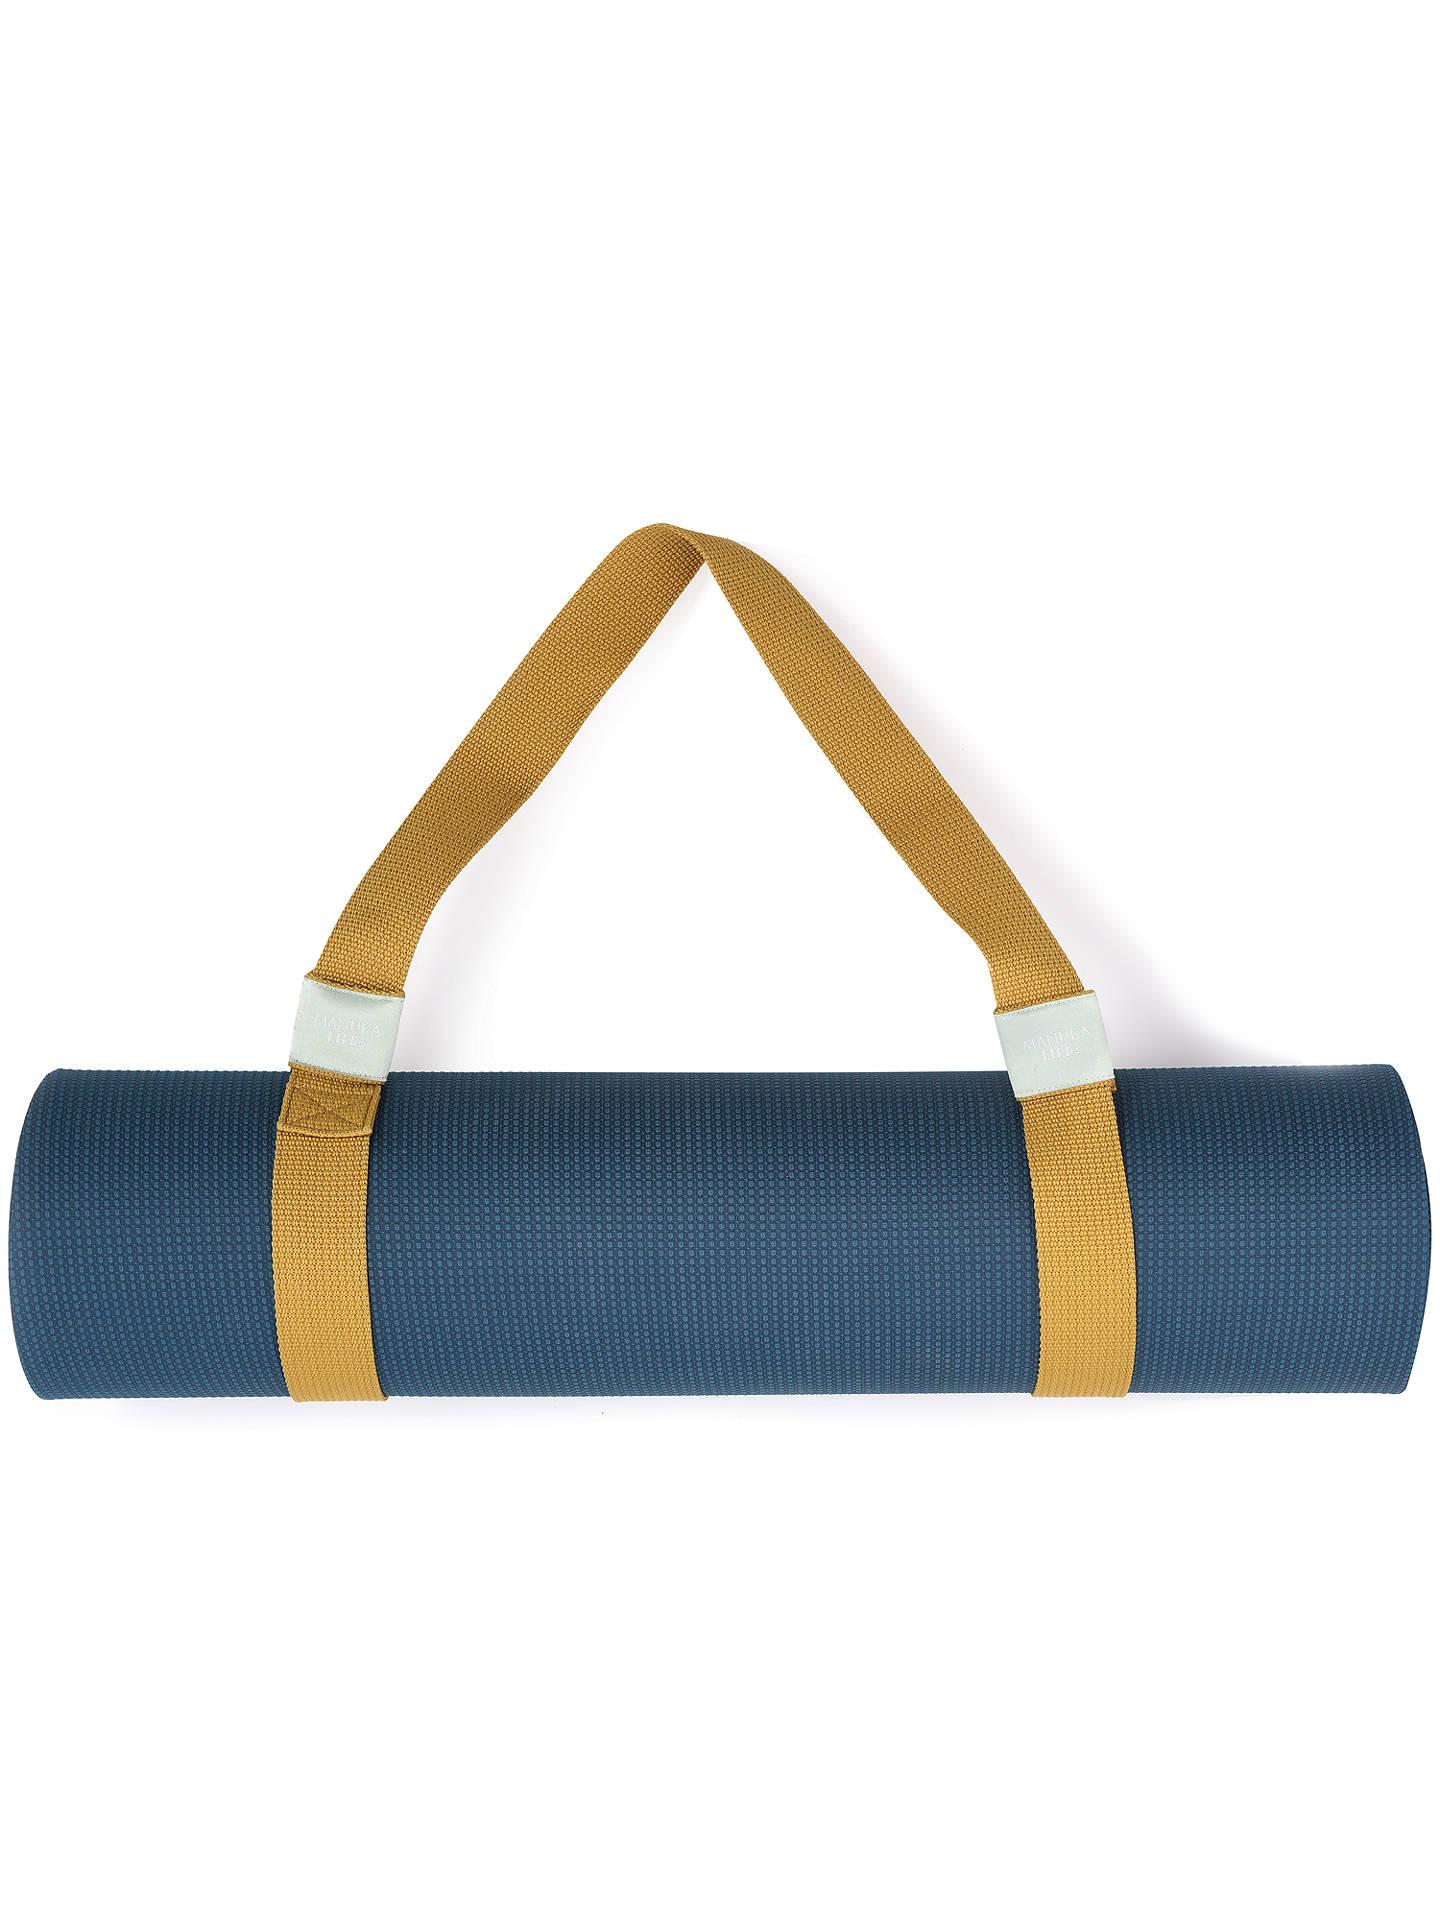 Manuka Life Yoga Mat Carrying Strap Gold At John Lewis